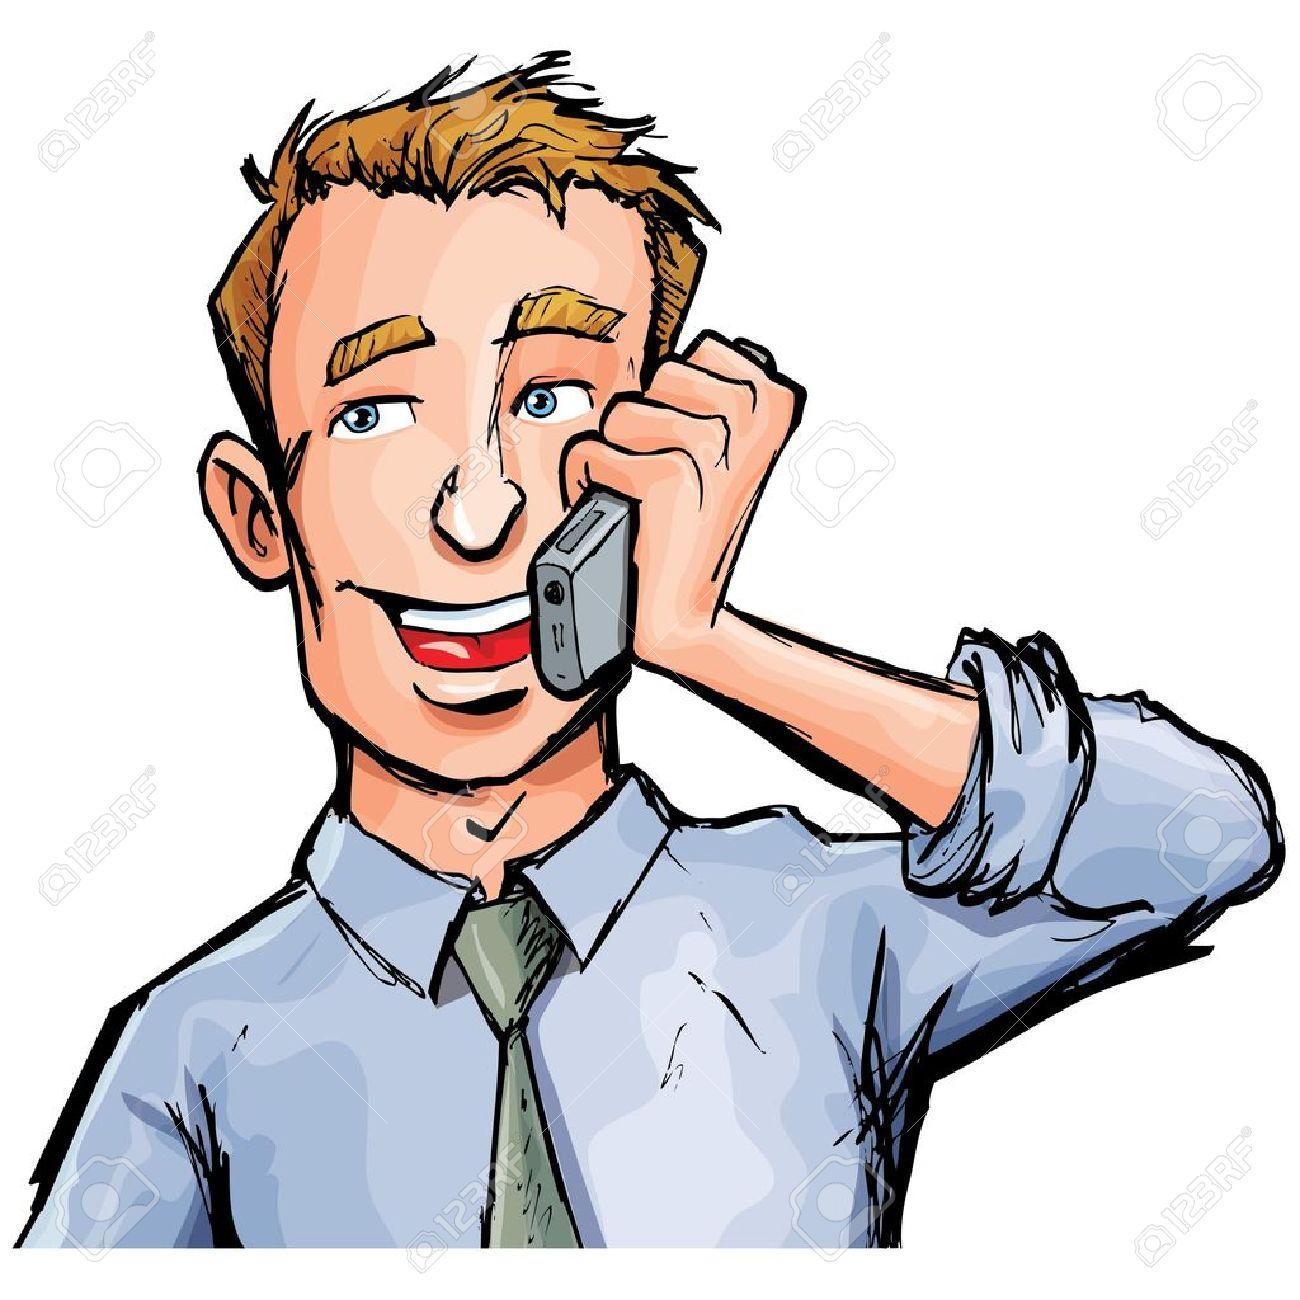 """Résultat de recherche d'images pour """"homme au téléphone dessin"""""""